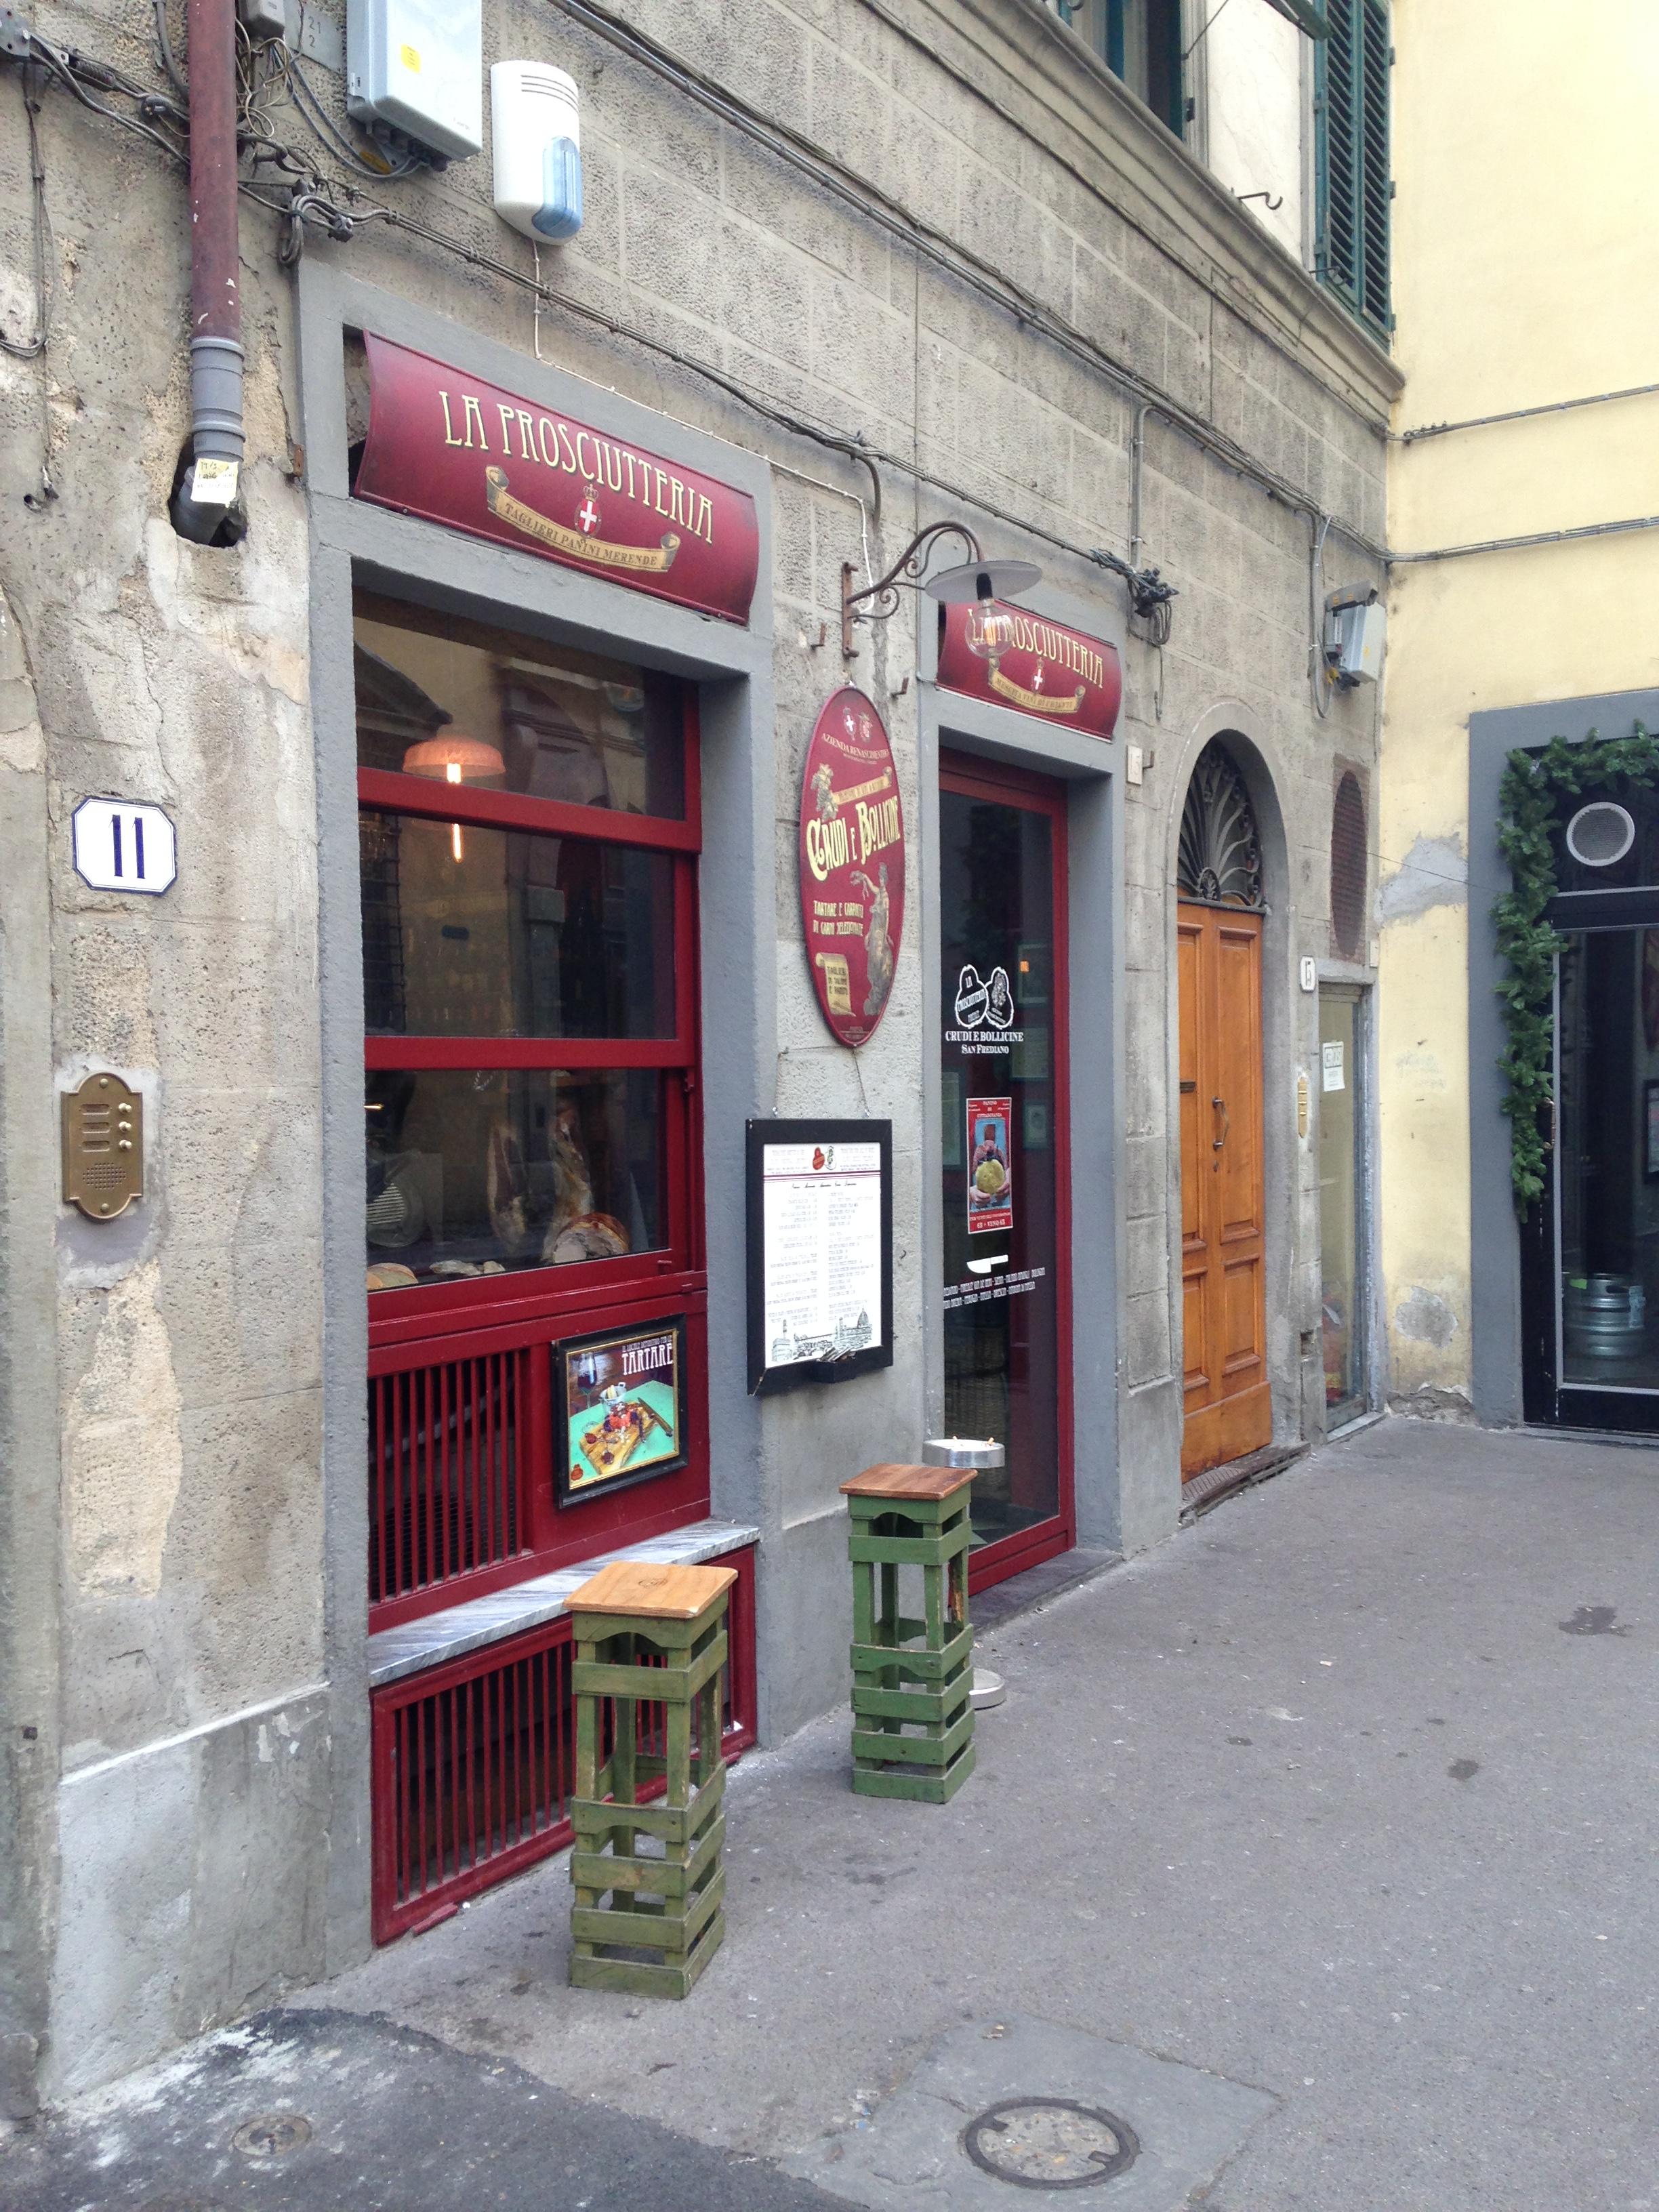 La Prosciutteria Borgo San Frediano 15, Firenze